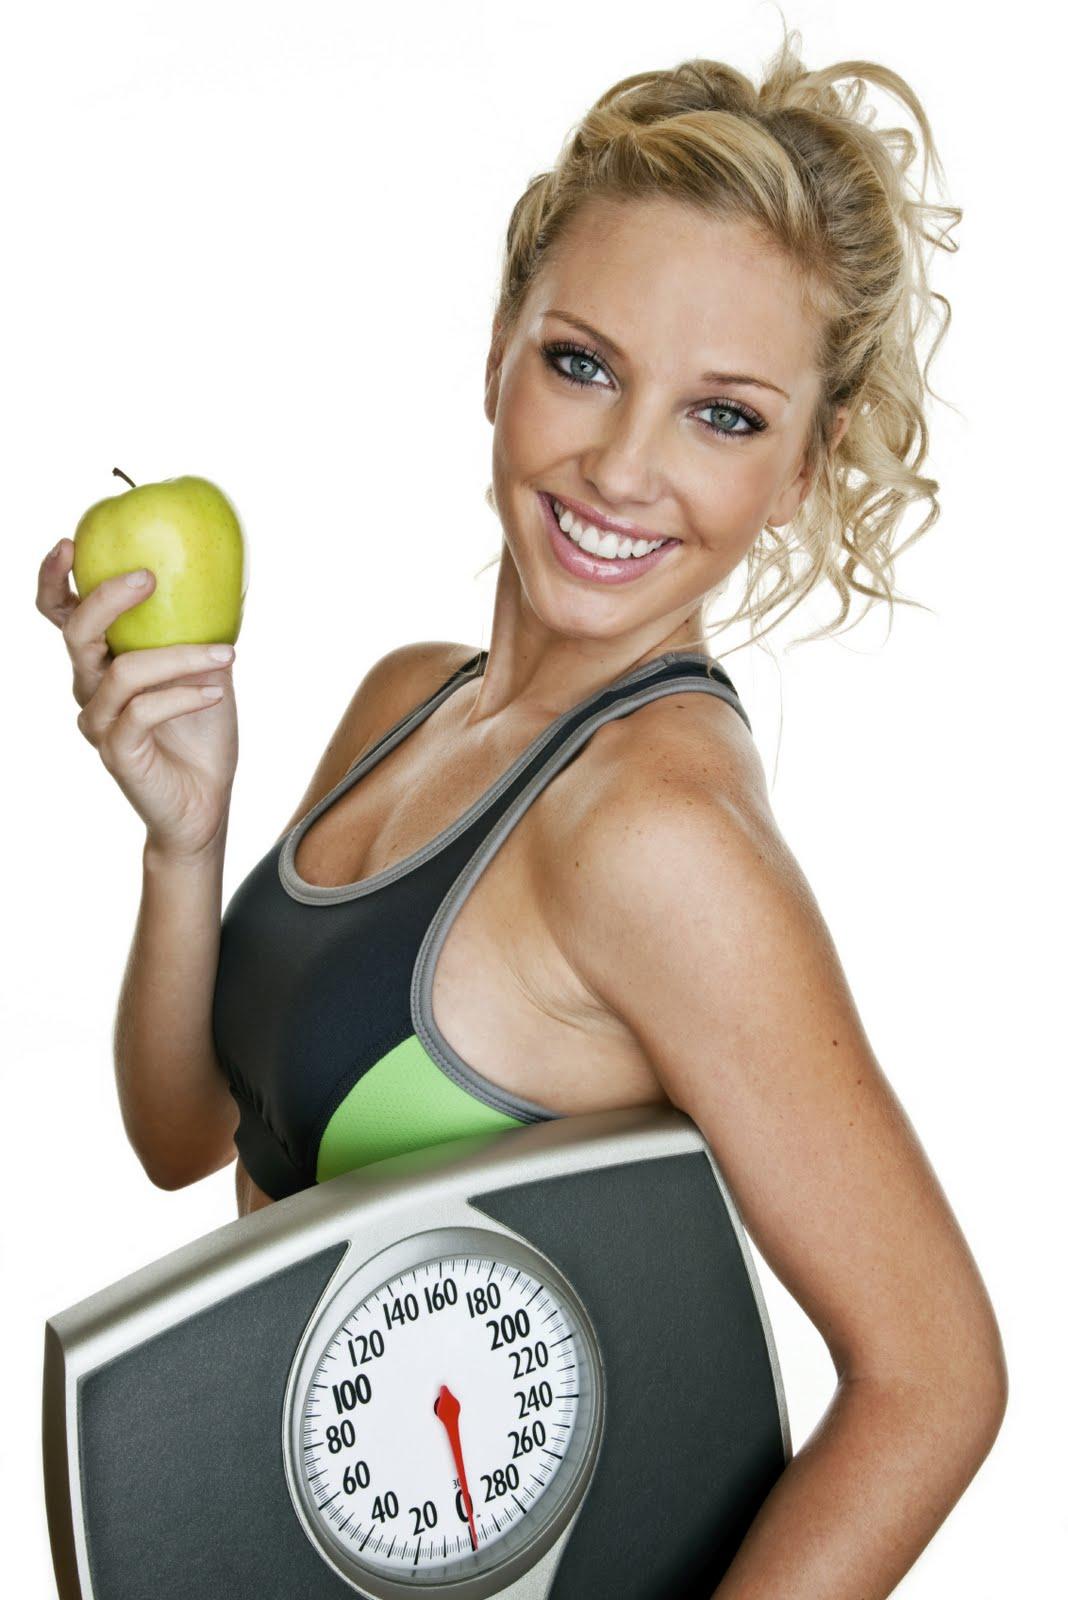 Хочу Похудеть Без Фитнеса. Хотите похудеть без фитнес-клубов? Объясняем, как это сделать